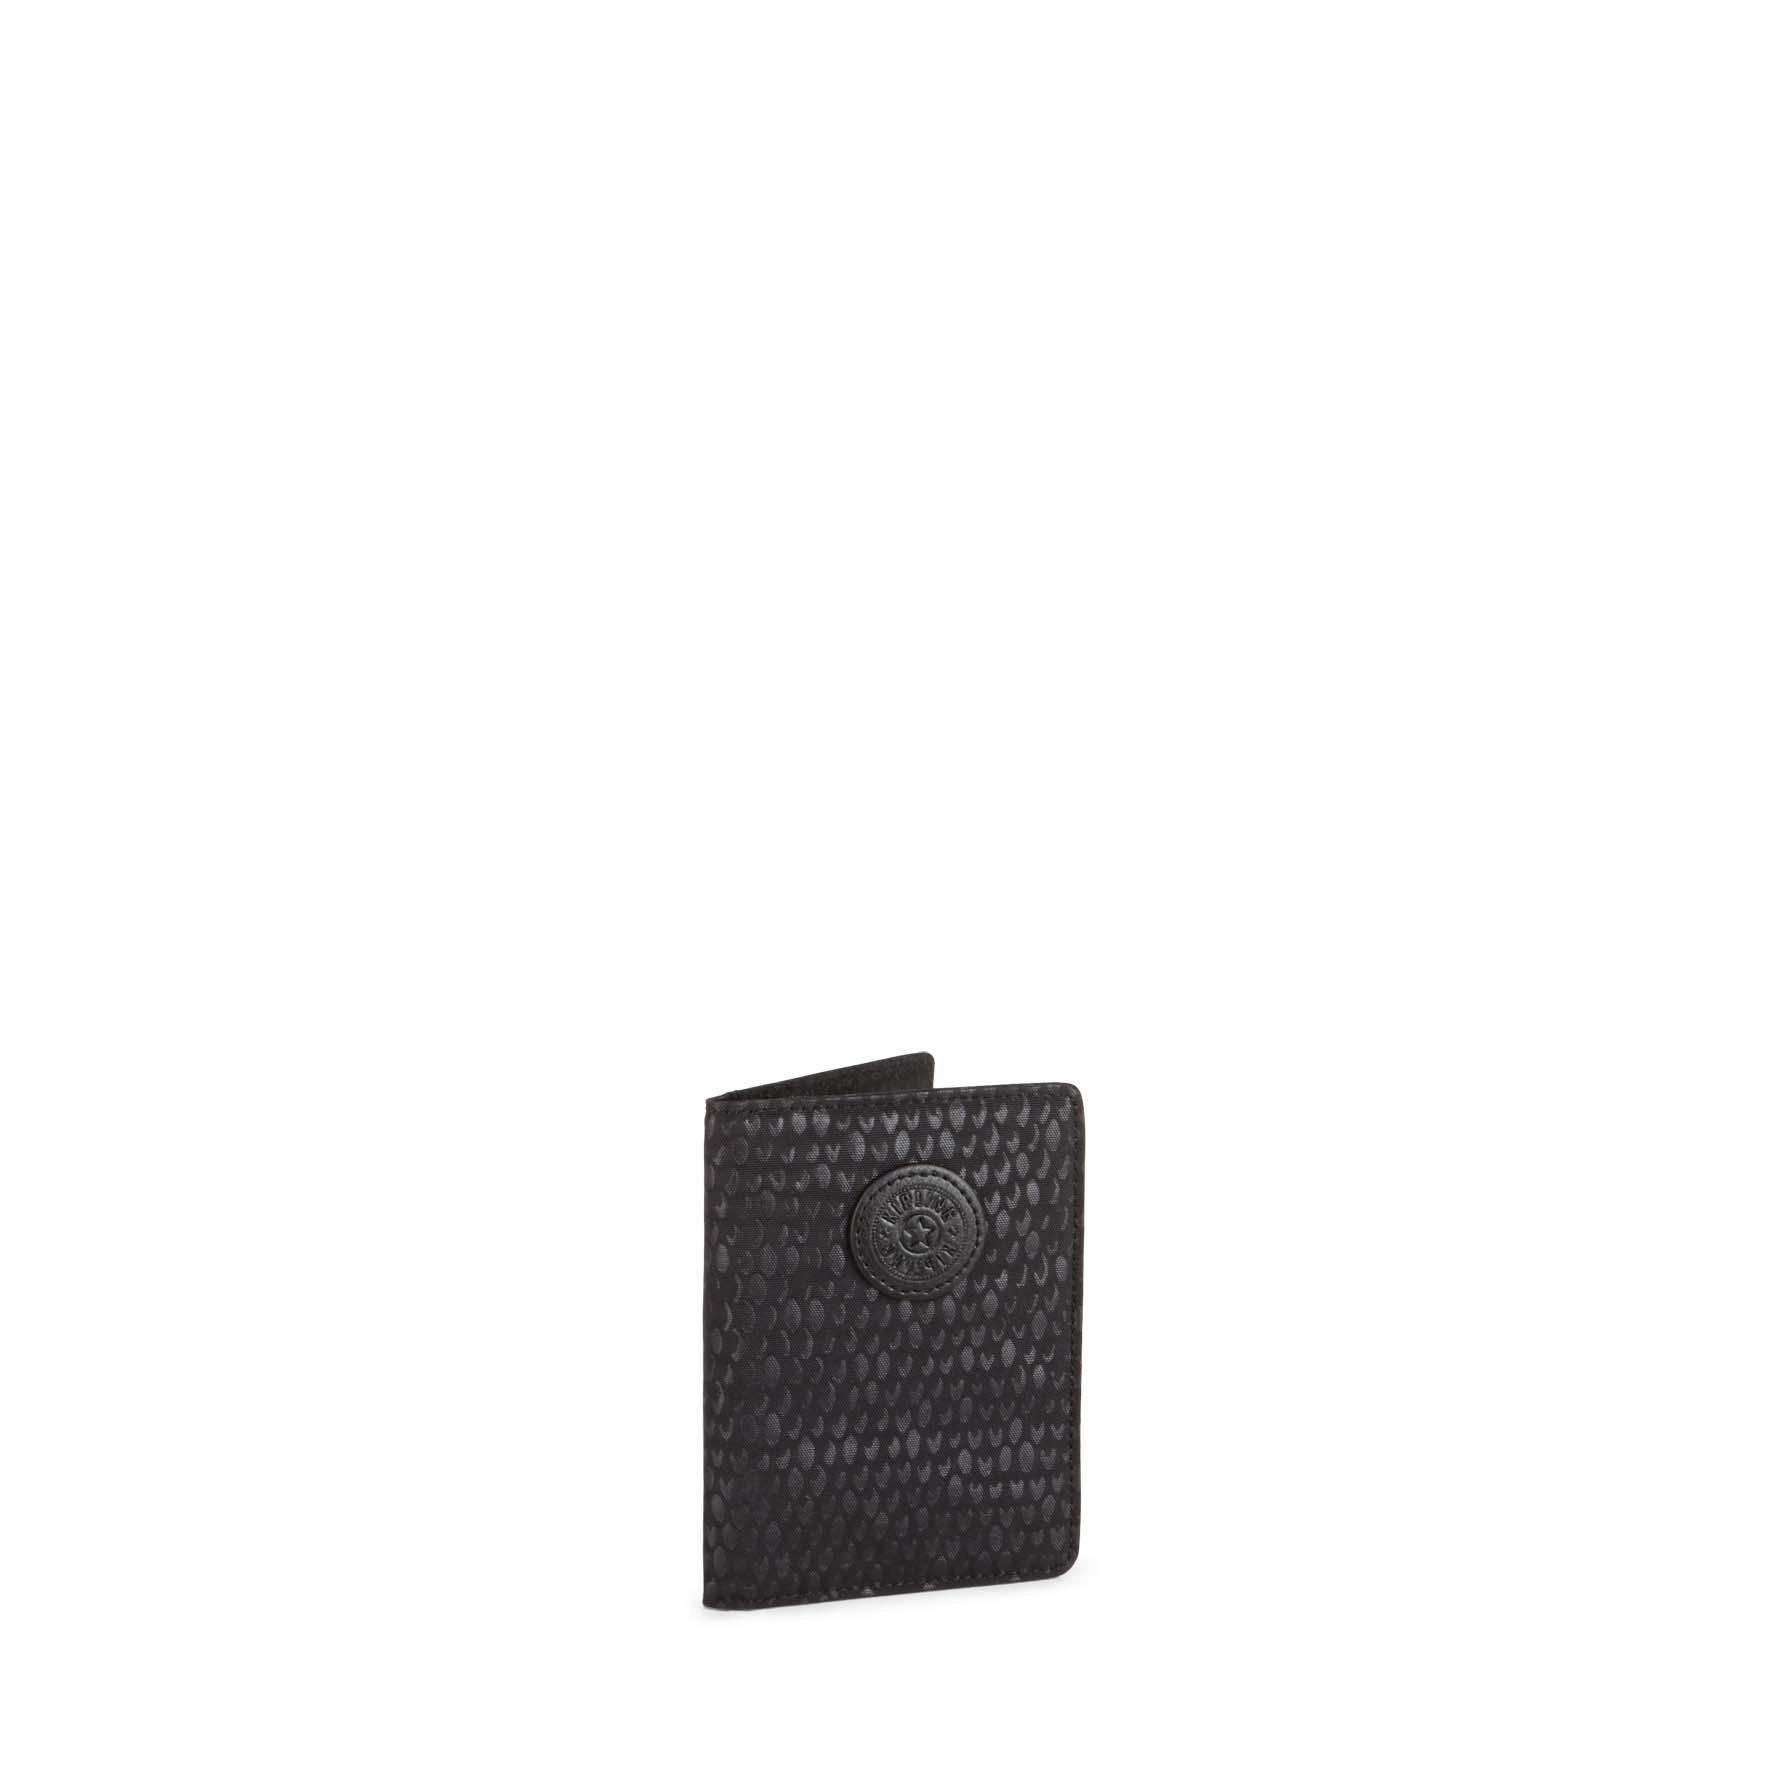 כיסוי דרכון Pass Port - Black Scale Embשחור מנומר